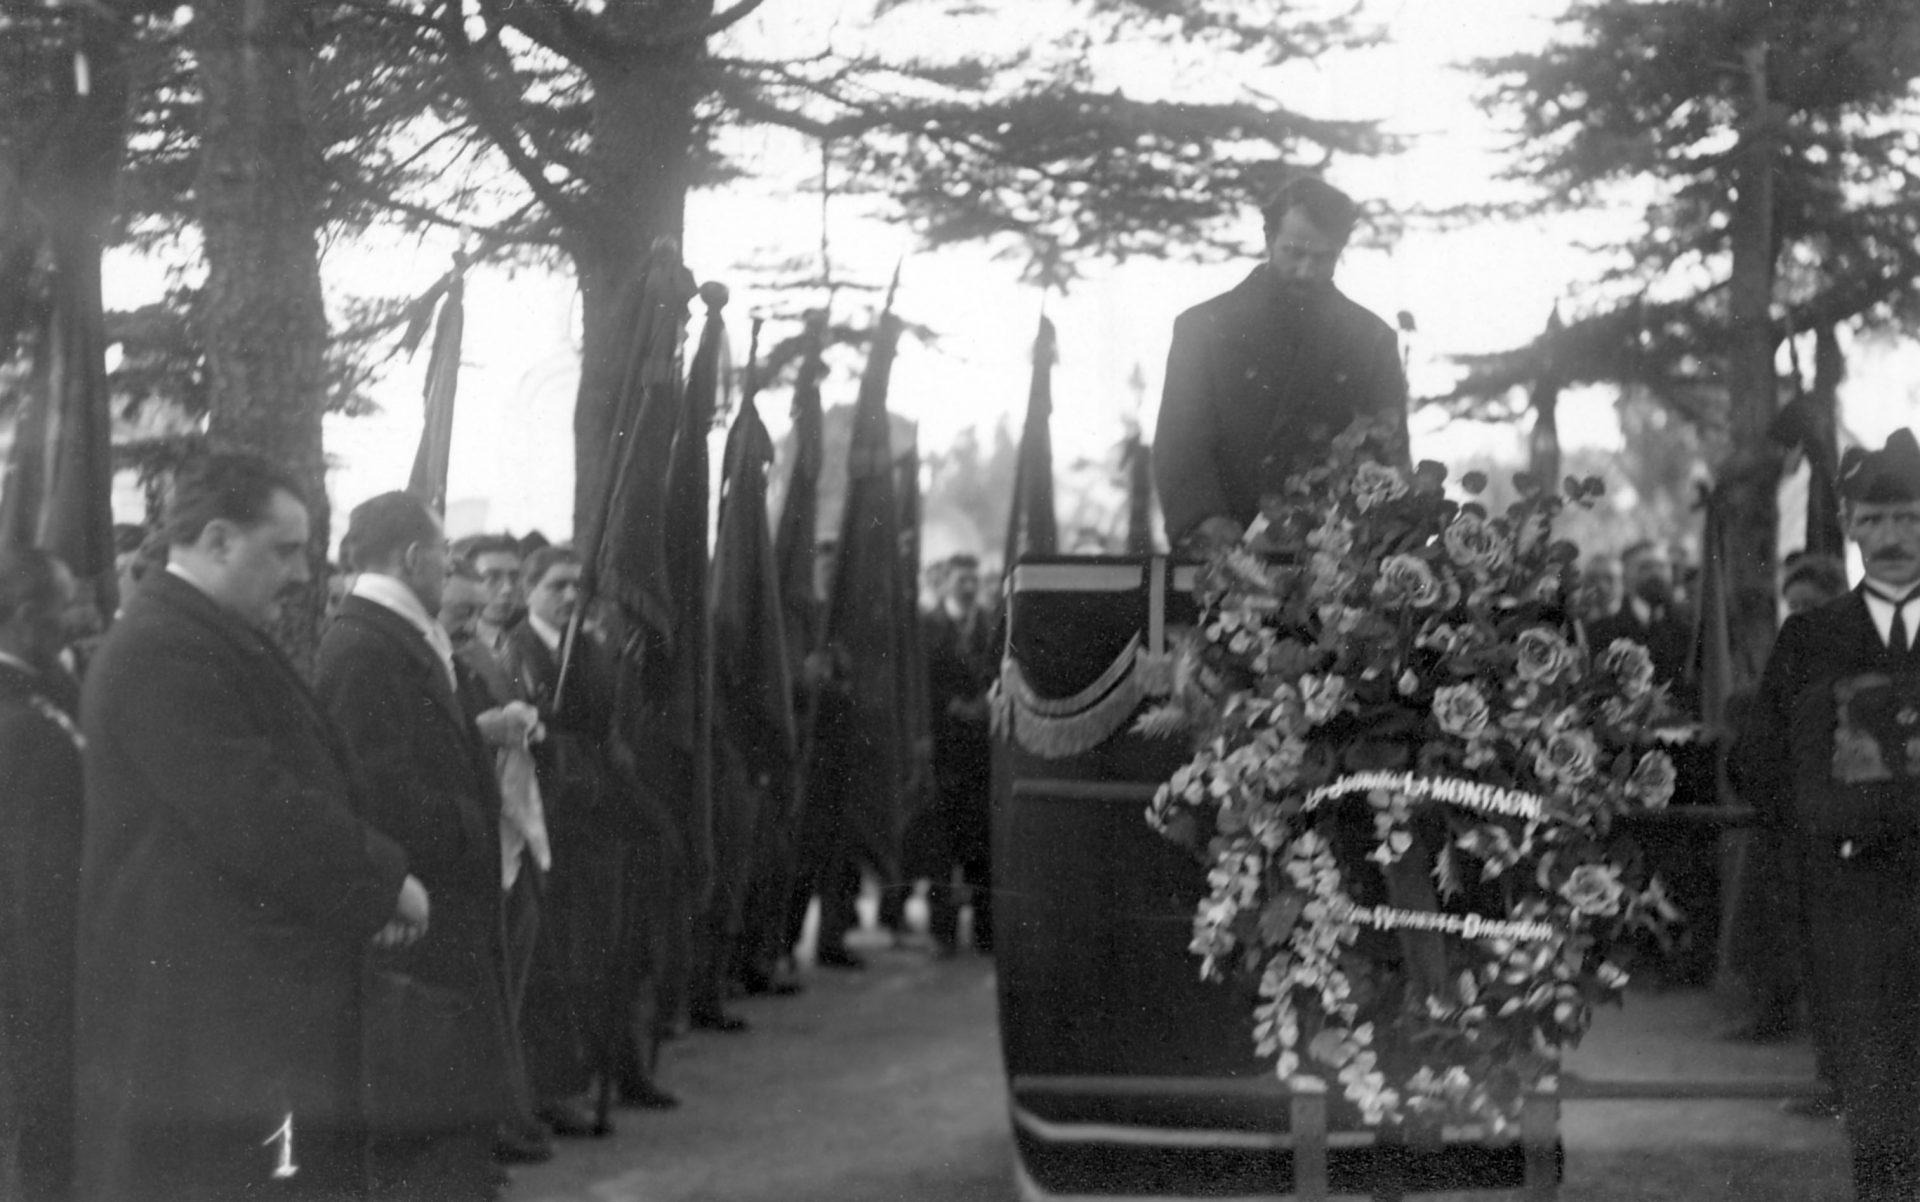 Enterrement d'Alexandre Varenne: hommage des Clermontois qui suivent le passage du cortège - Février 1947, Clermont-Ferrand